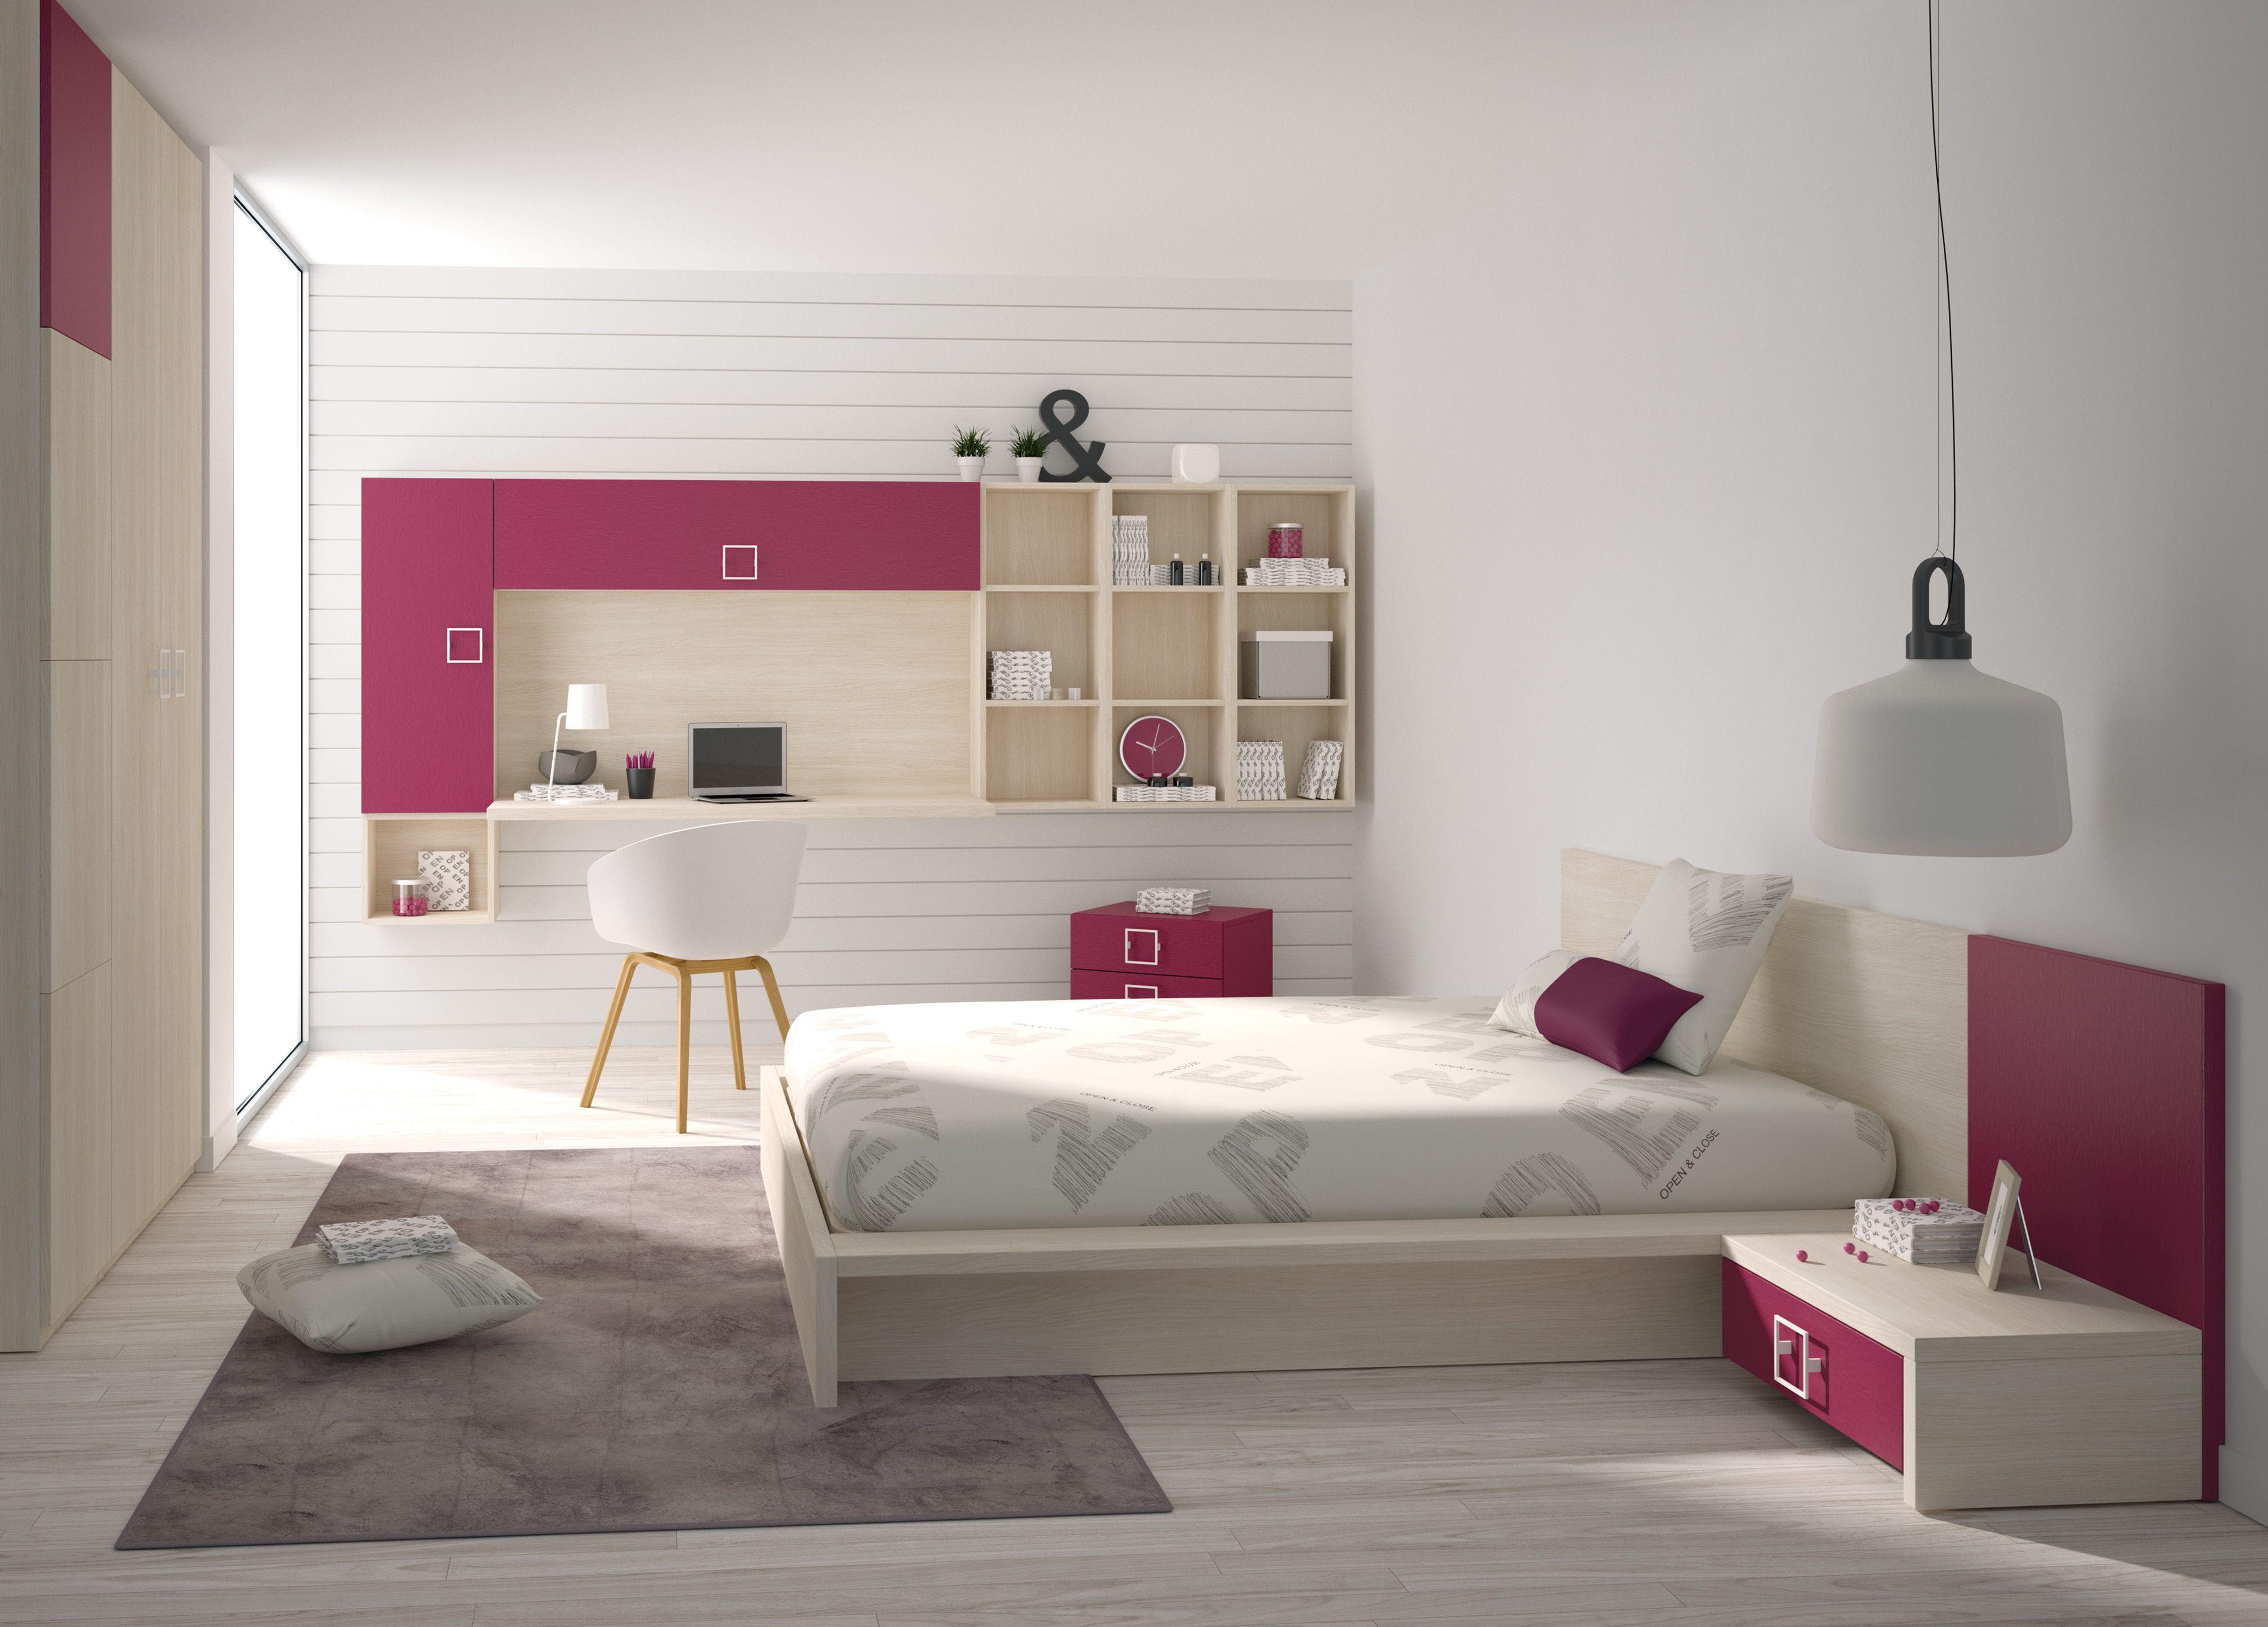 Cuartos modernos para jovenes free dormitorios para - Habitaciones para jovenes ...